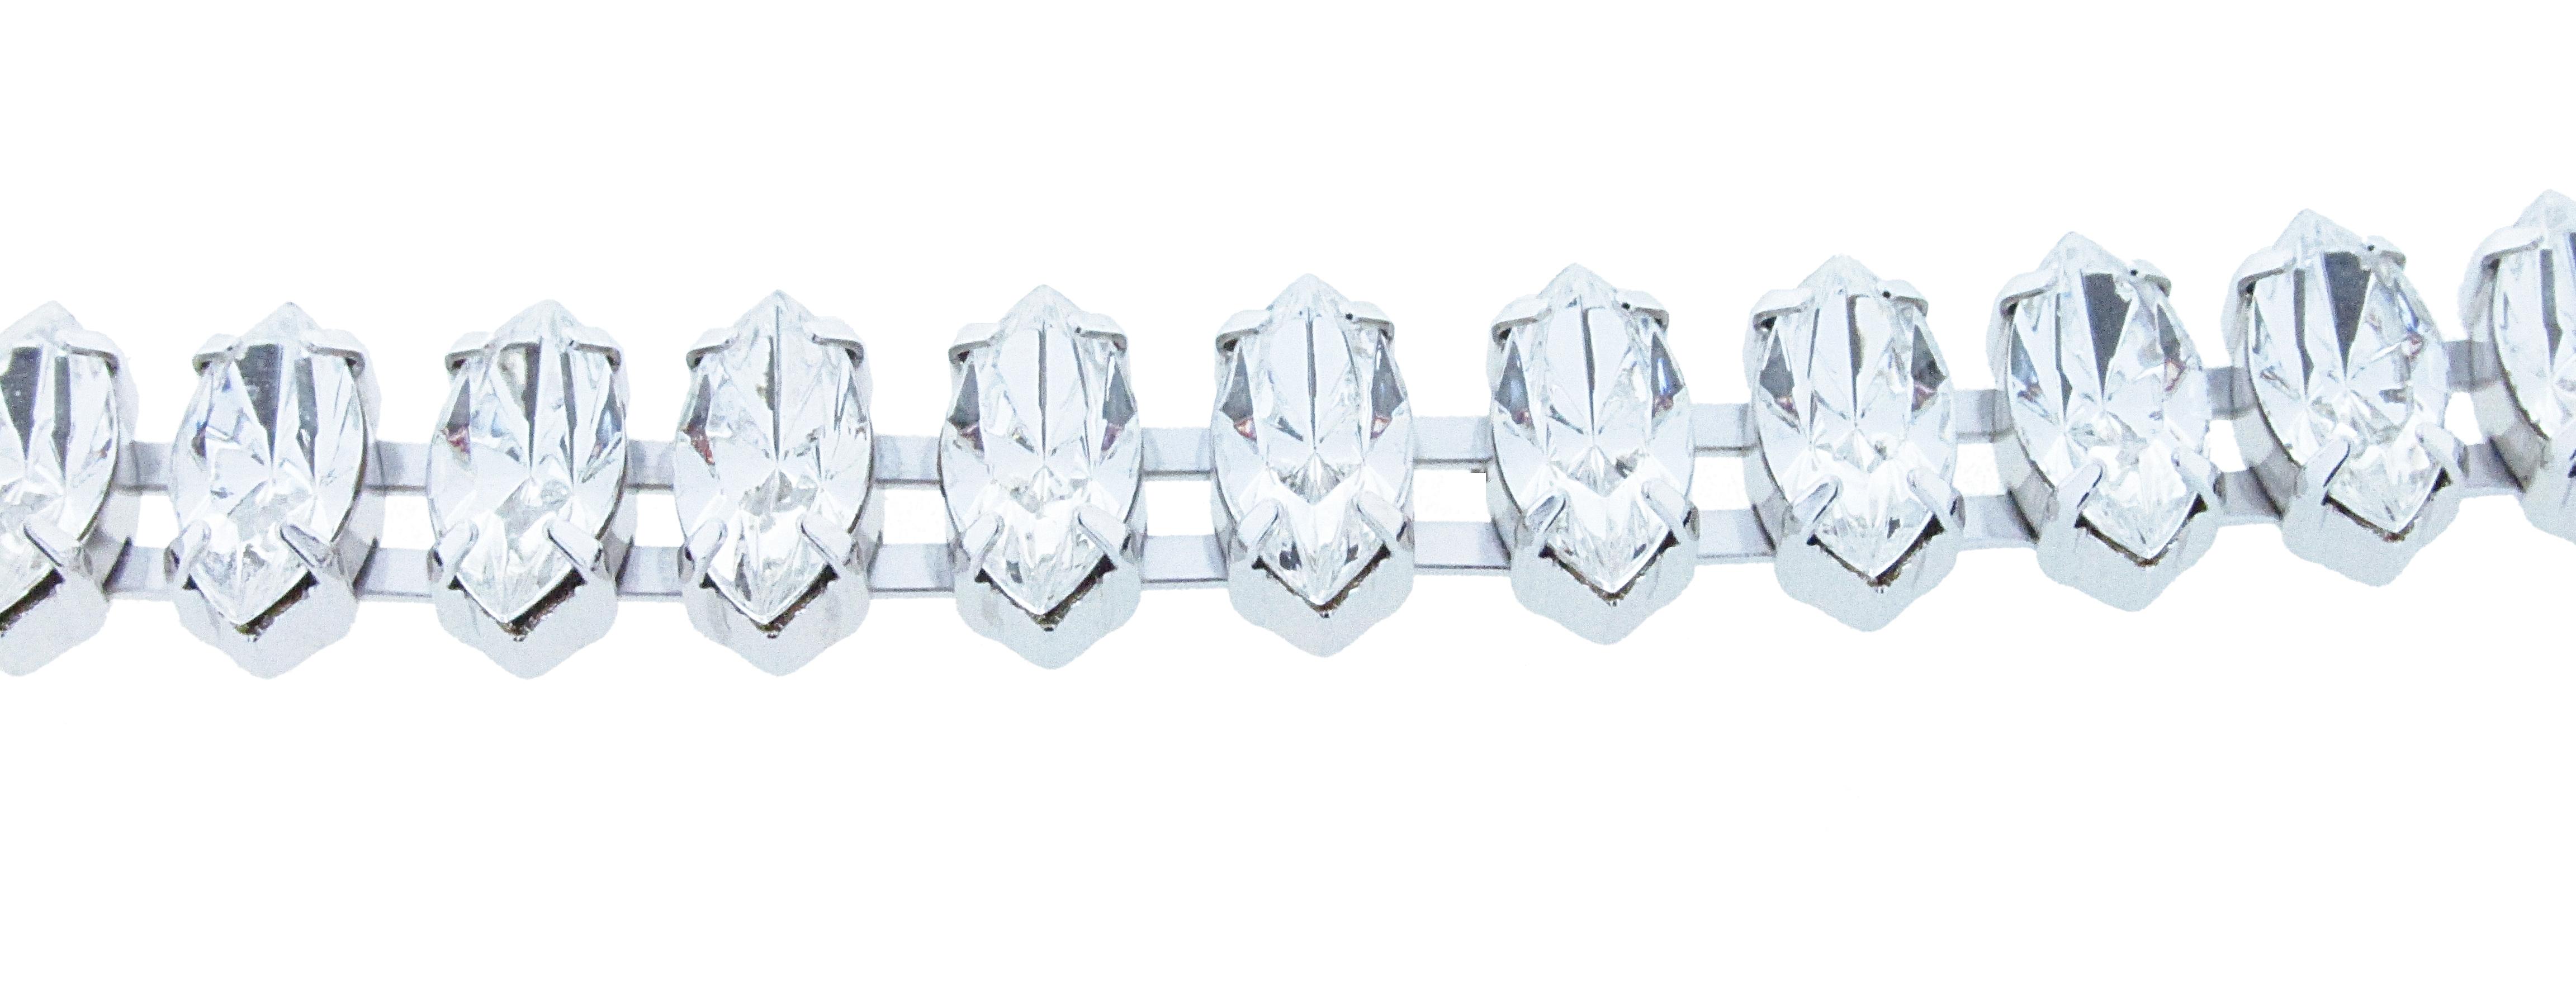 navbrac-double-crystal.jpg